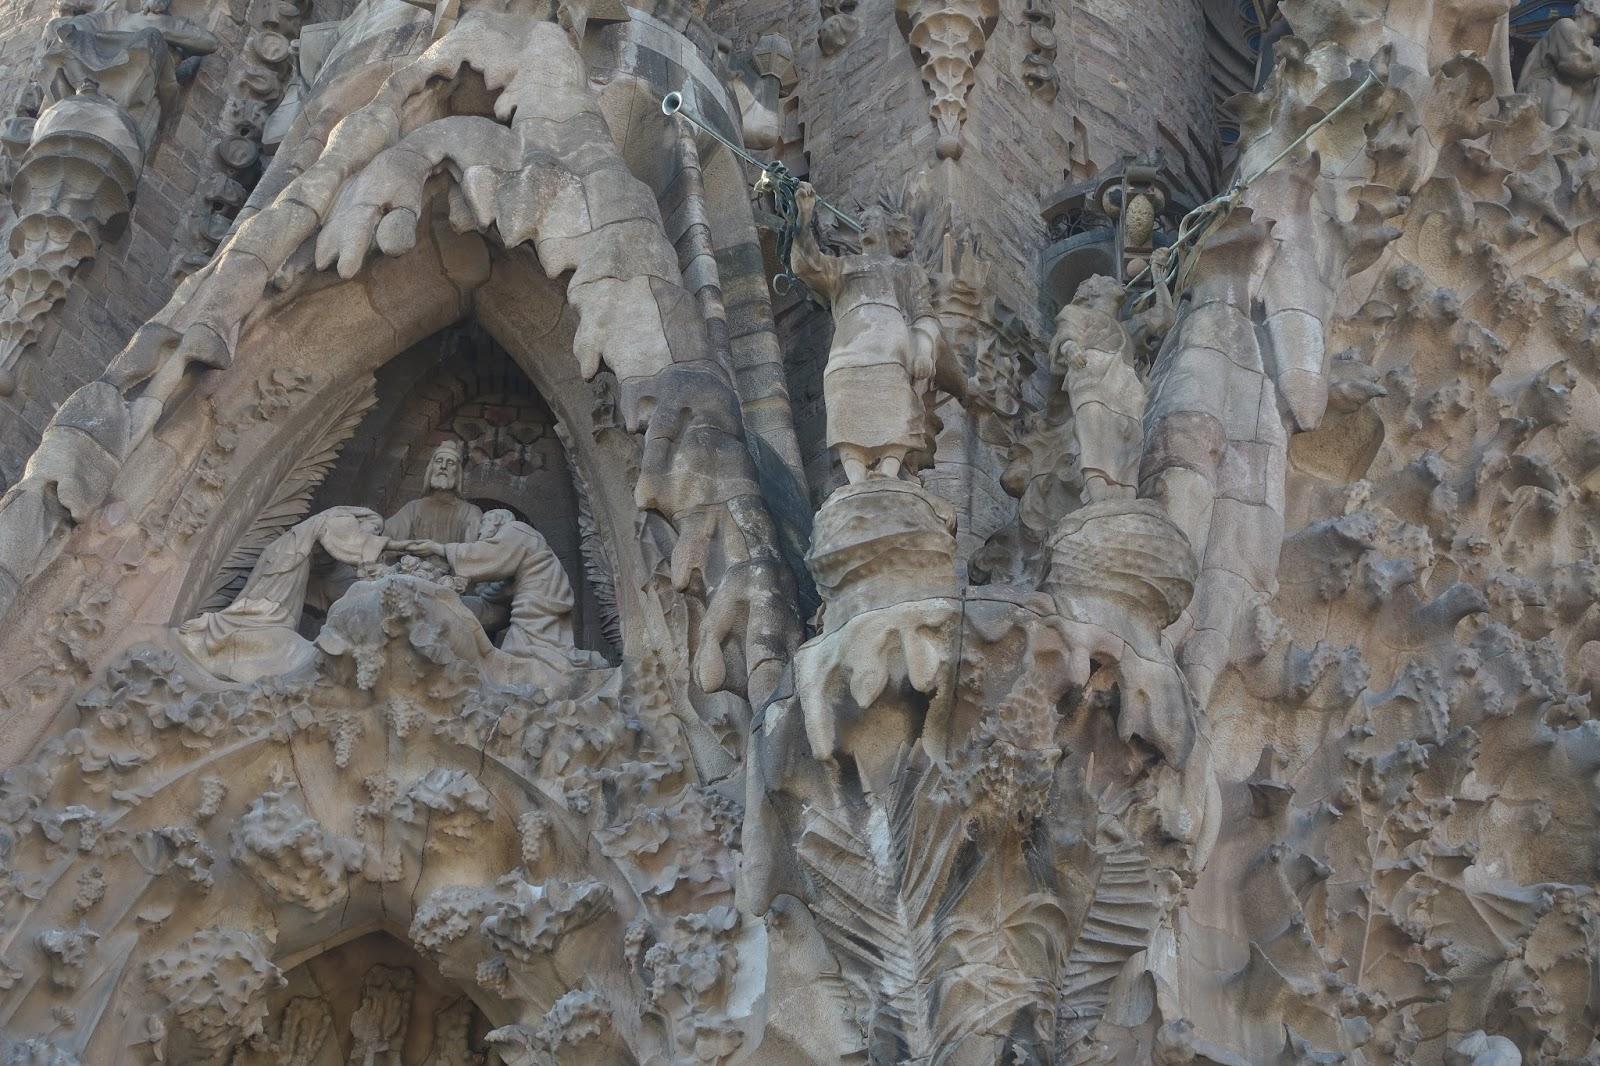 サグラダ・ファミリア (Sagrada Familia) 「希望の門」